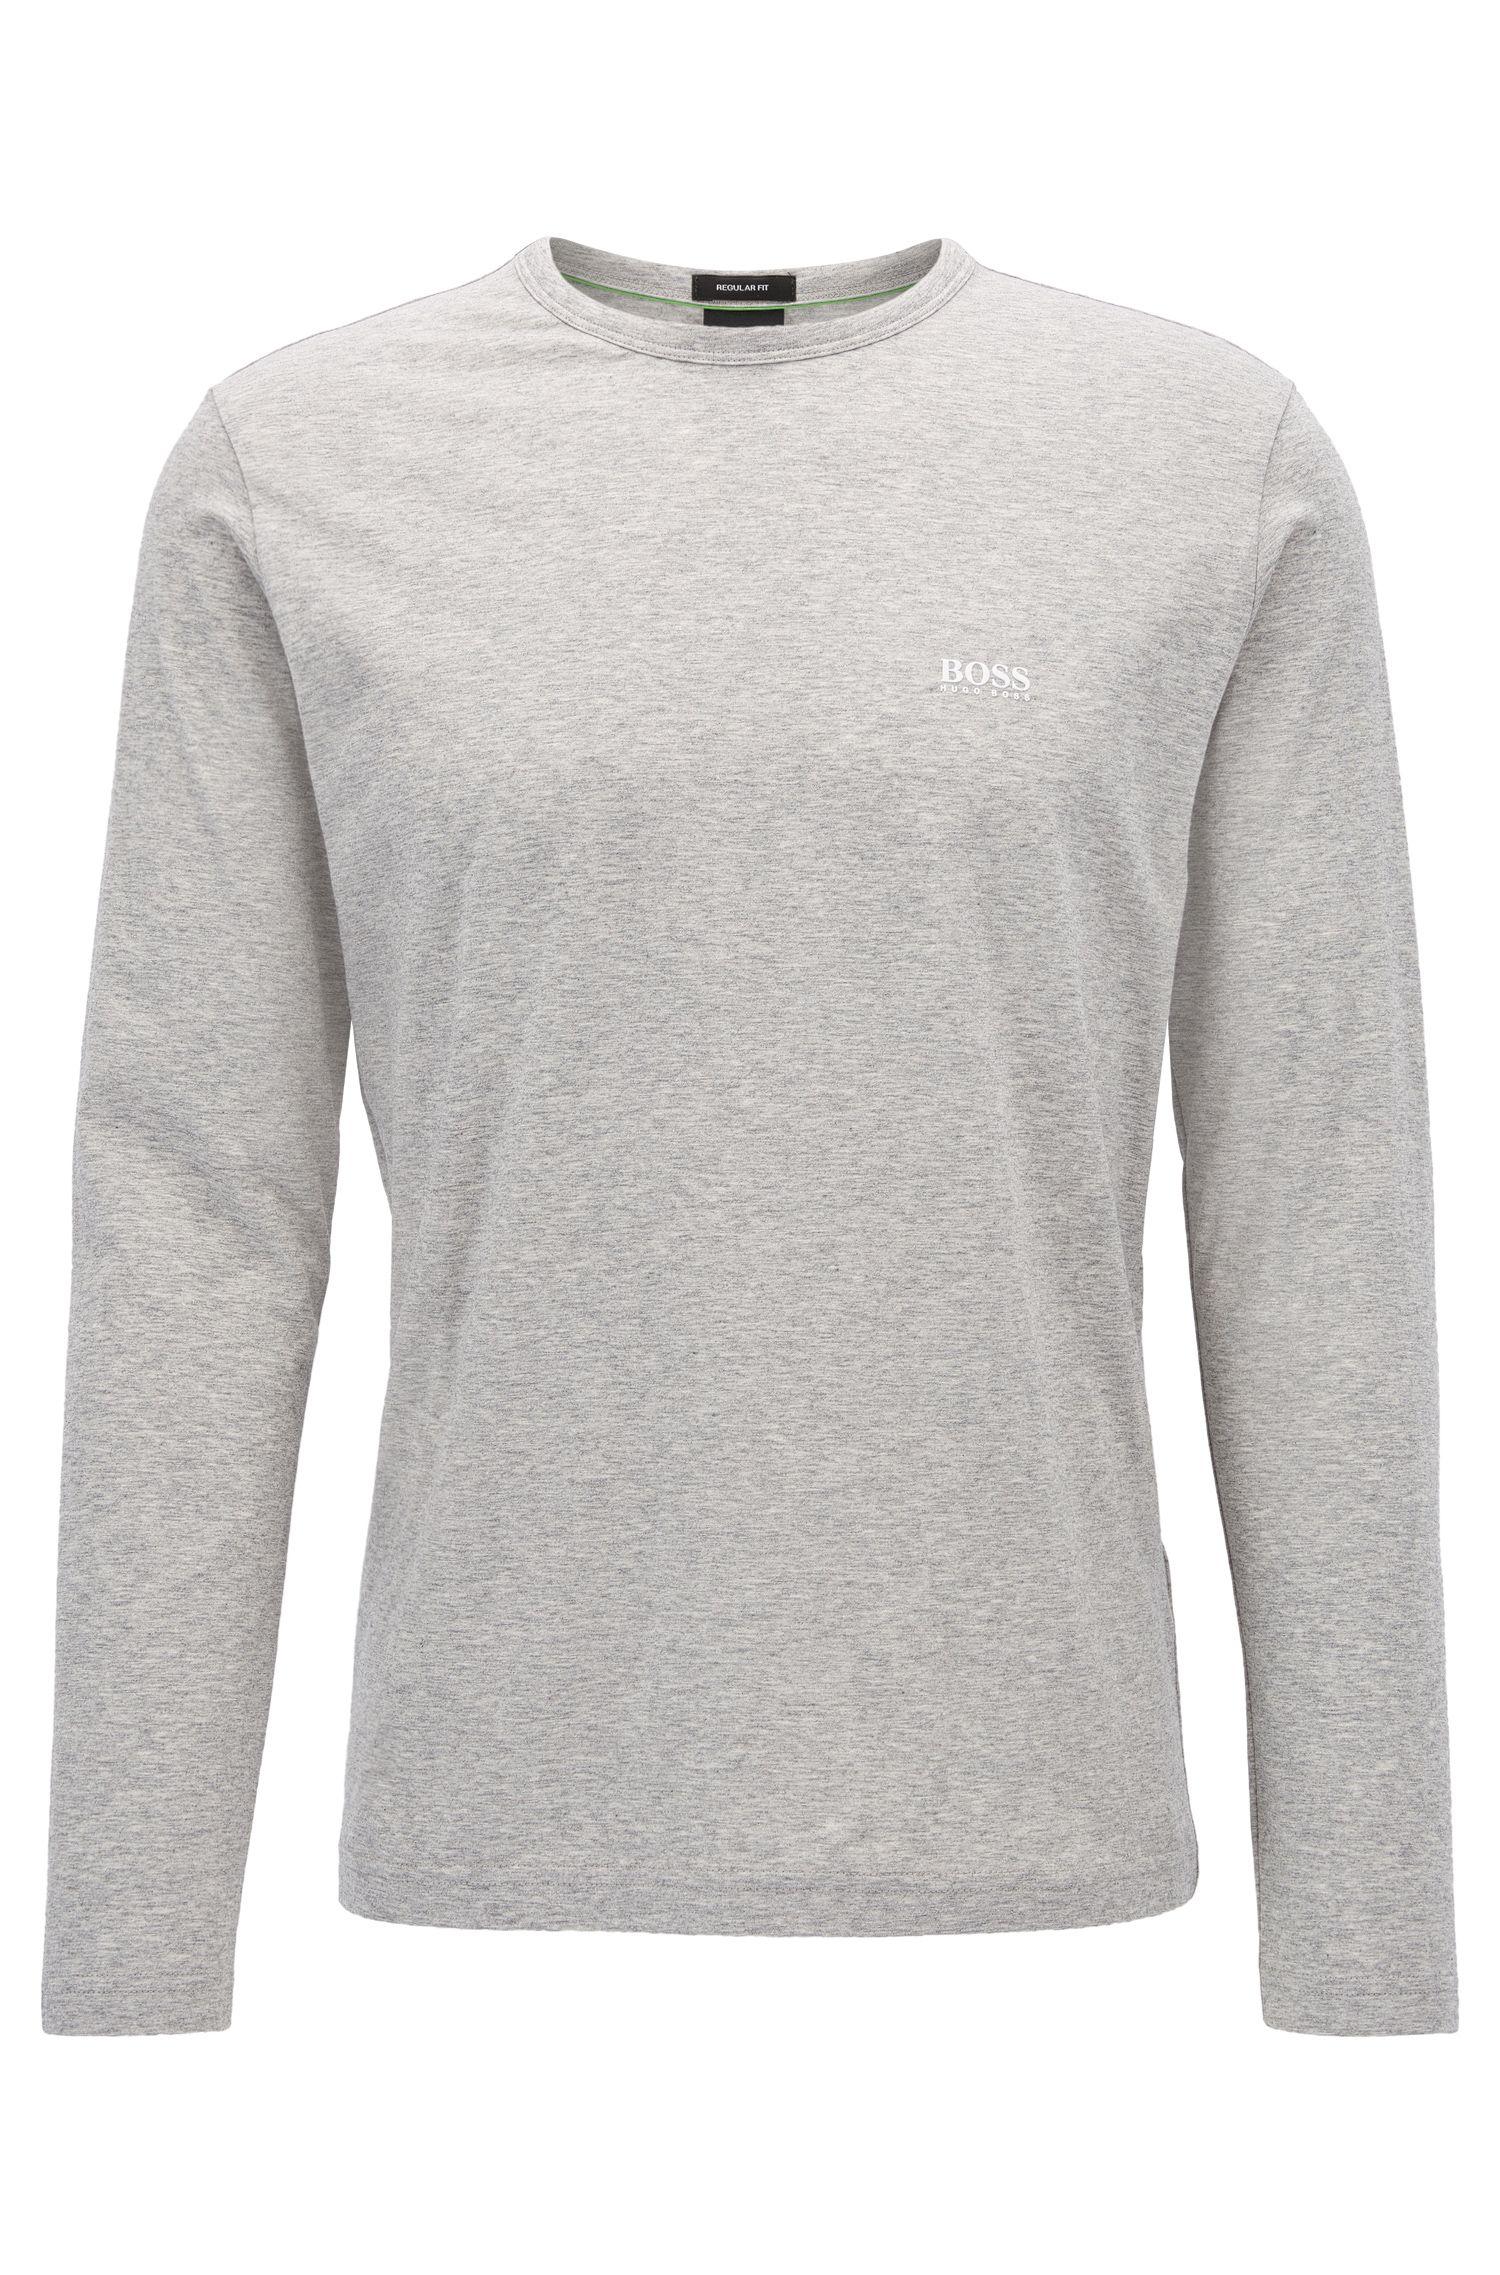 T-shirt à manches longues «Togn» en coton